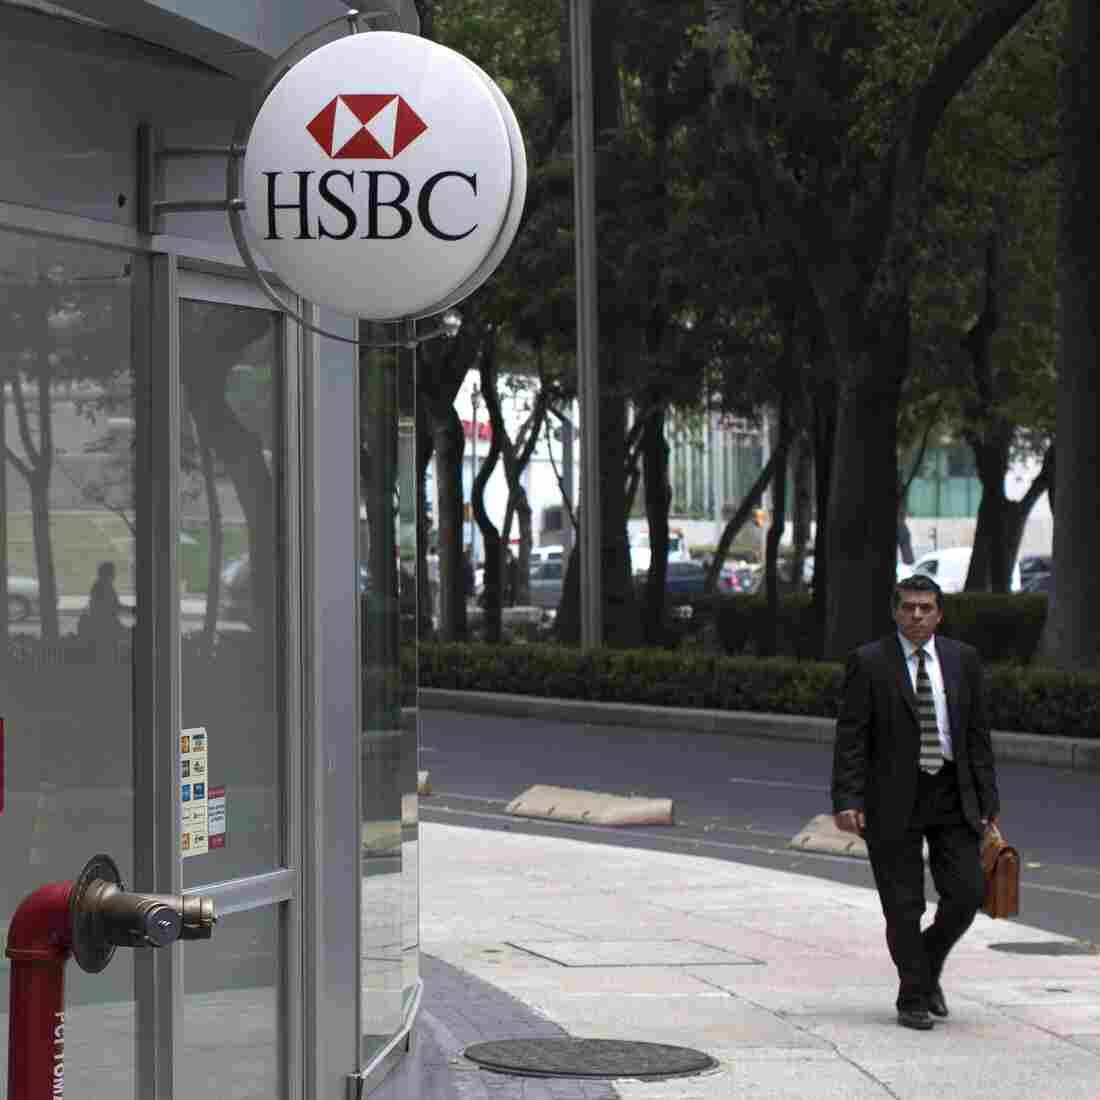 Awash In Cash, Drug Cartels Rely On Big Banks To Launder Profits